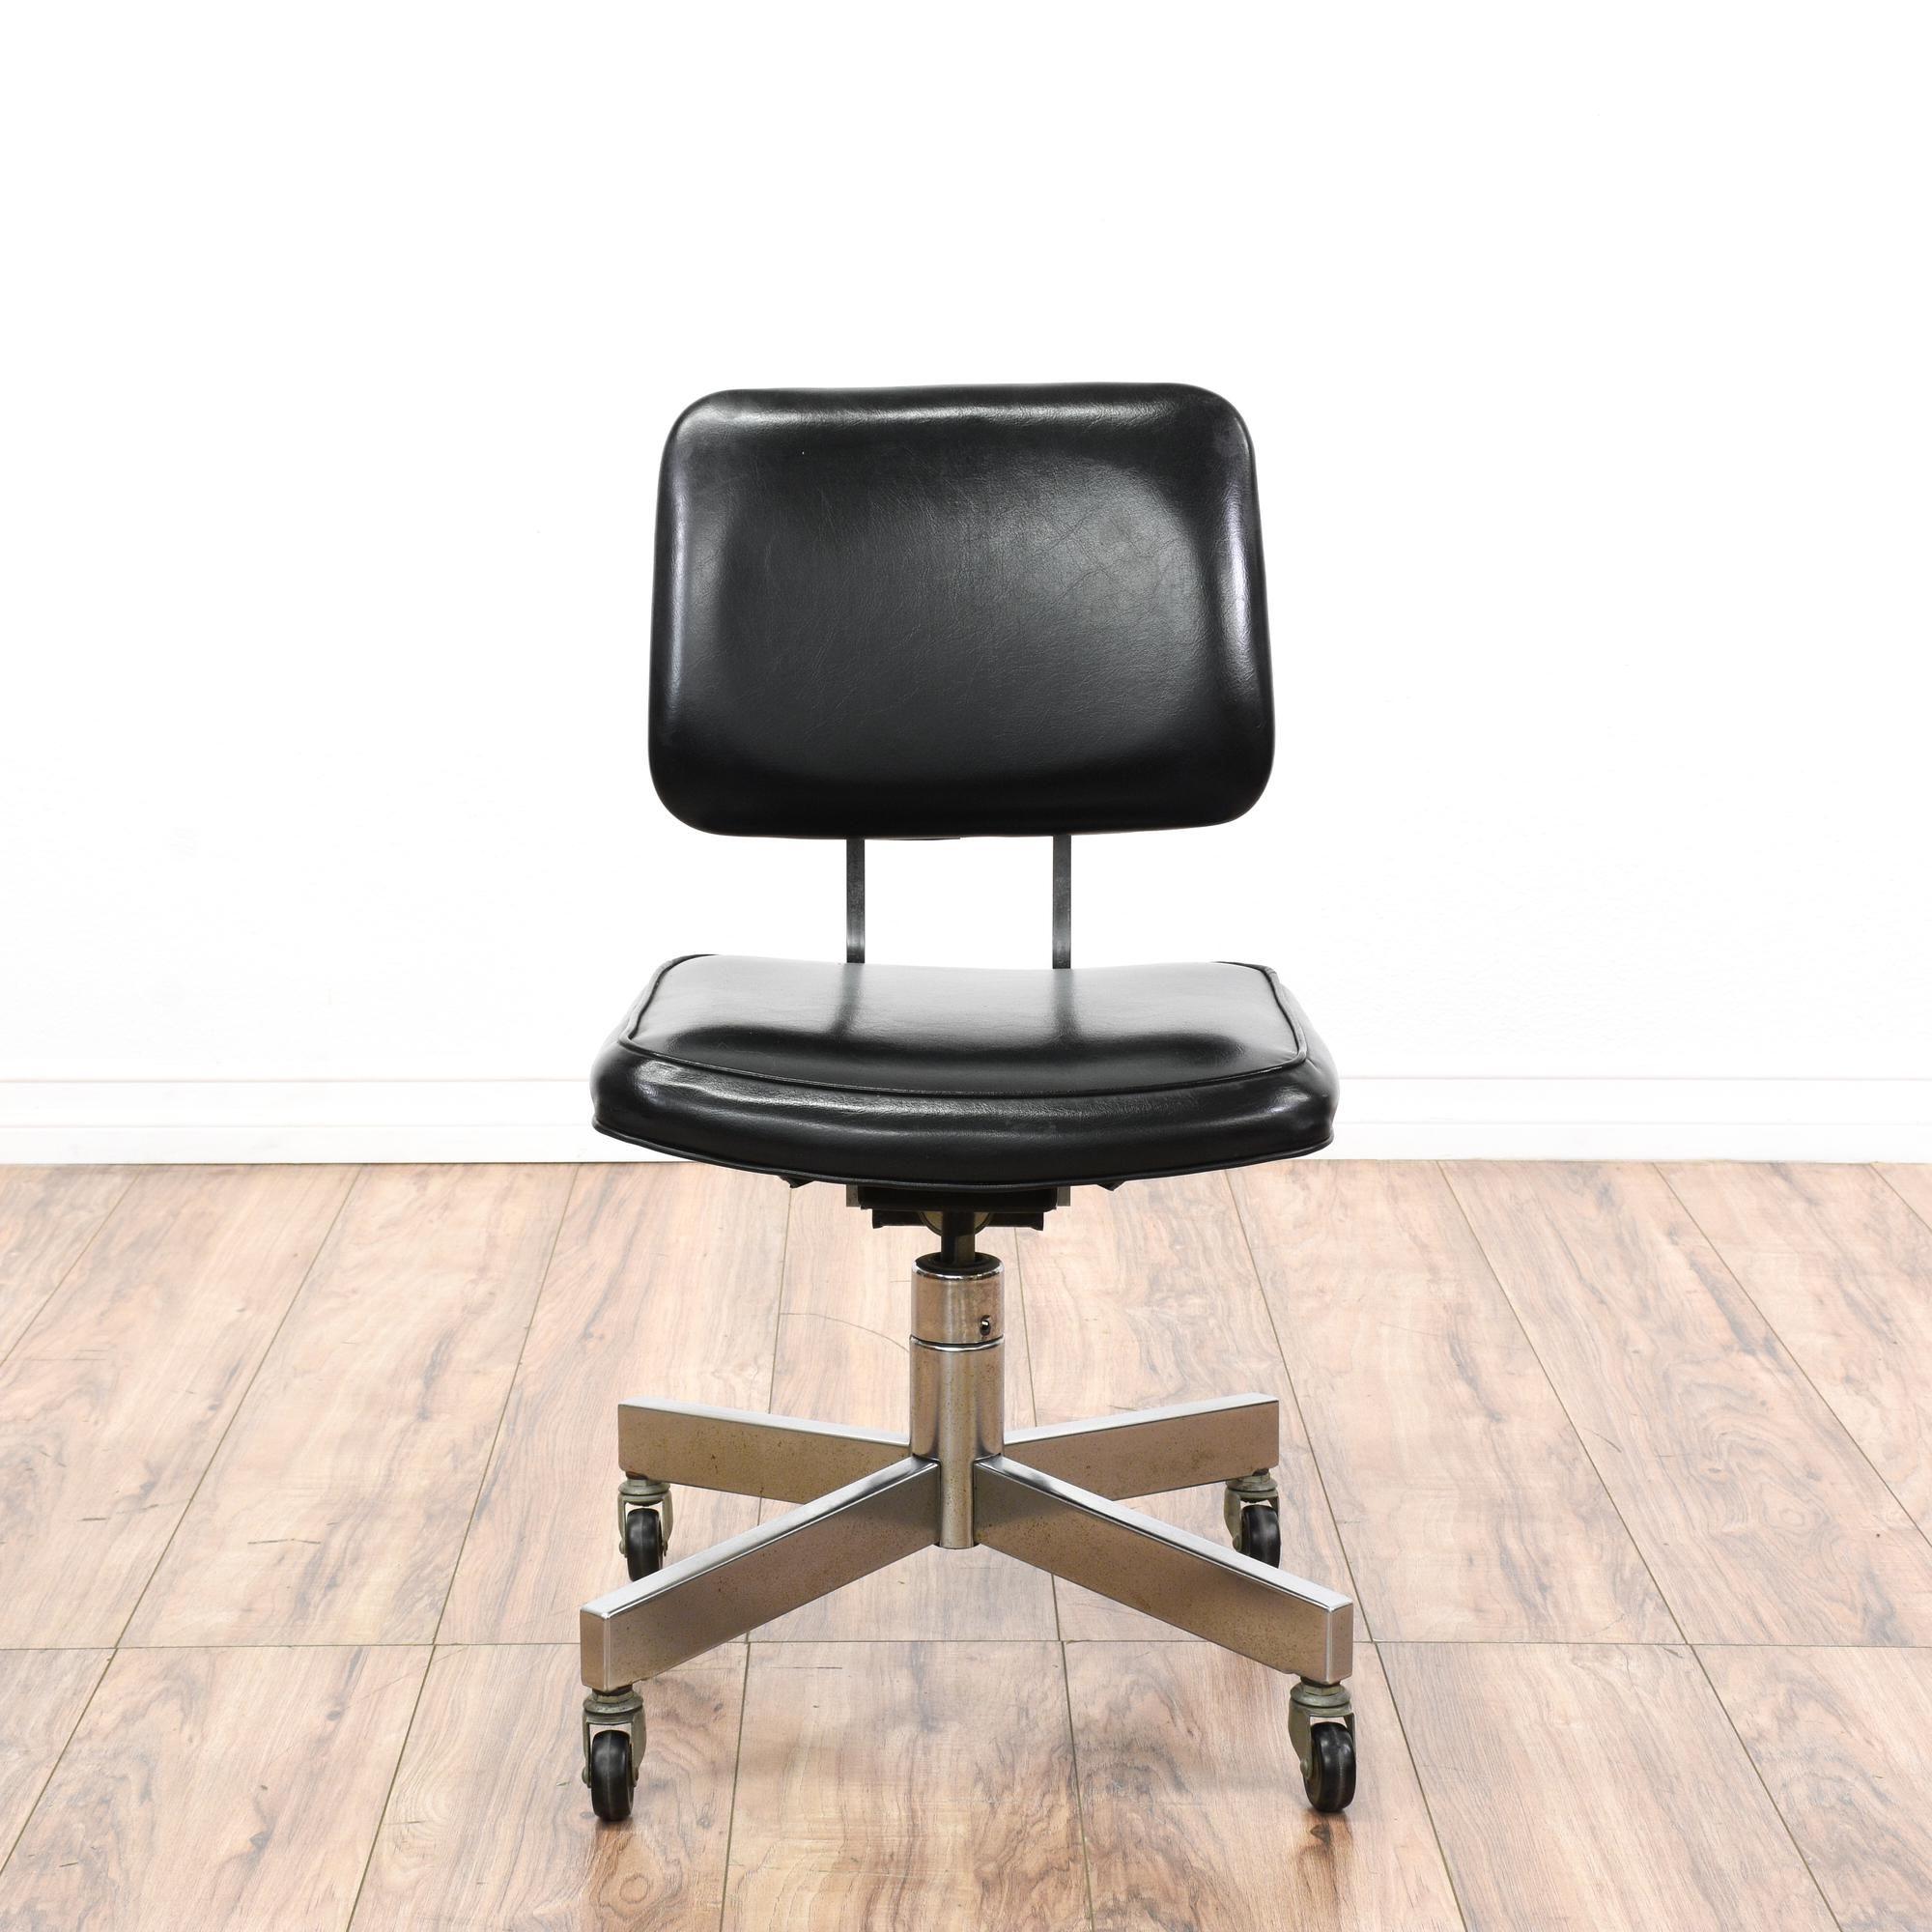 Hochwertig Erkunde Bürodrehstuhl, Bürostühle Und Noch Mehr!